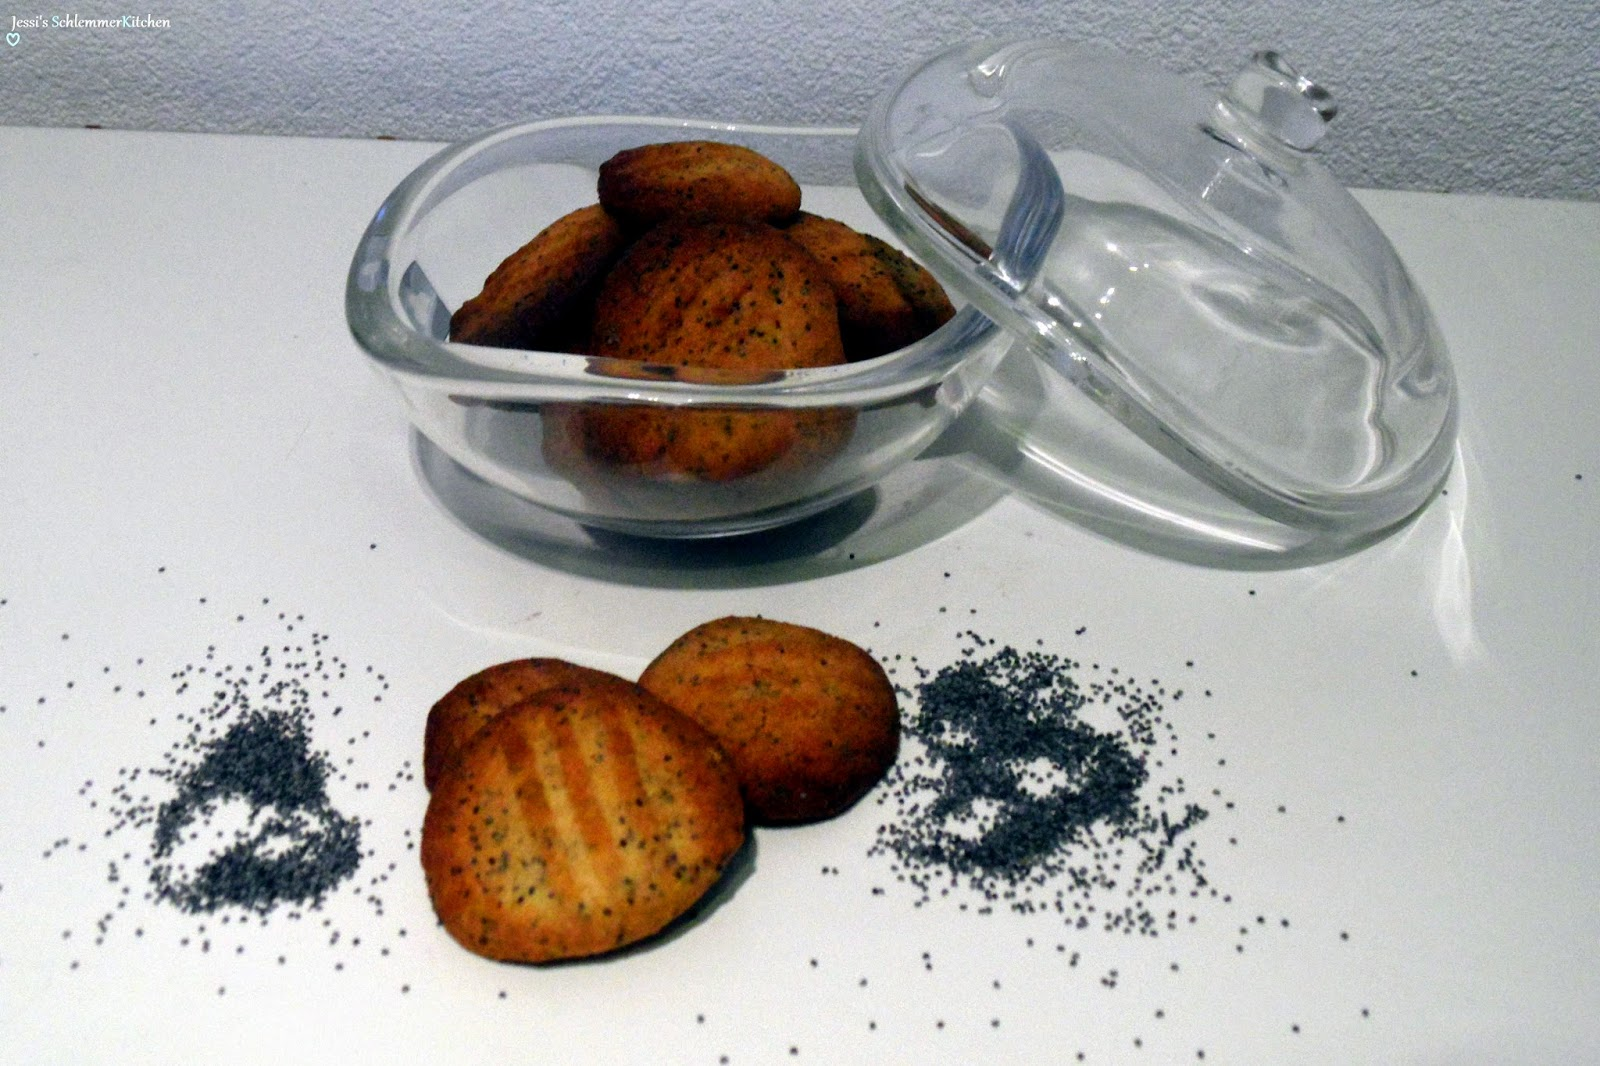 Projektzuckerfrei:Zitronen-Mohn-Kekse